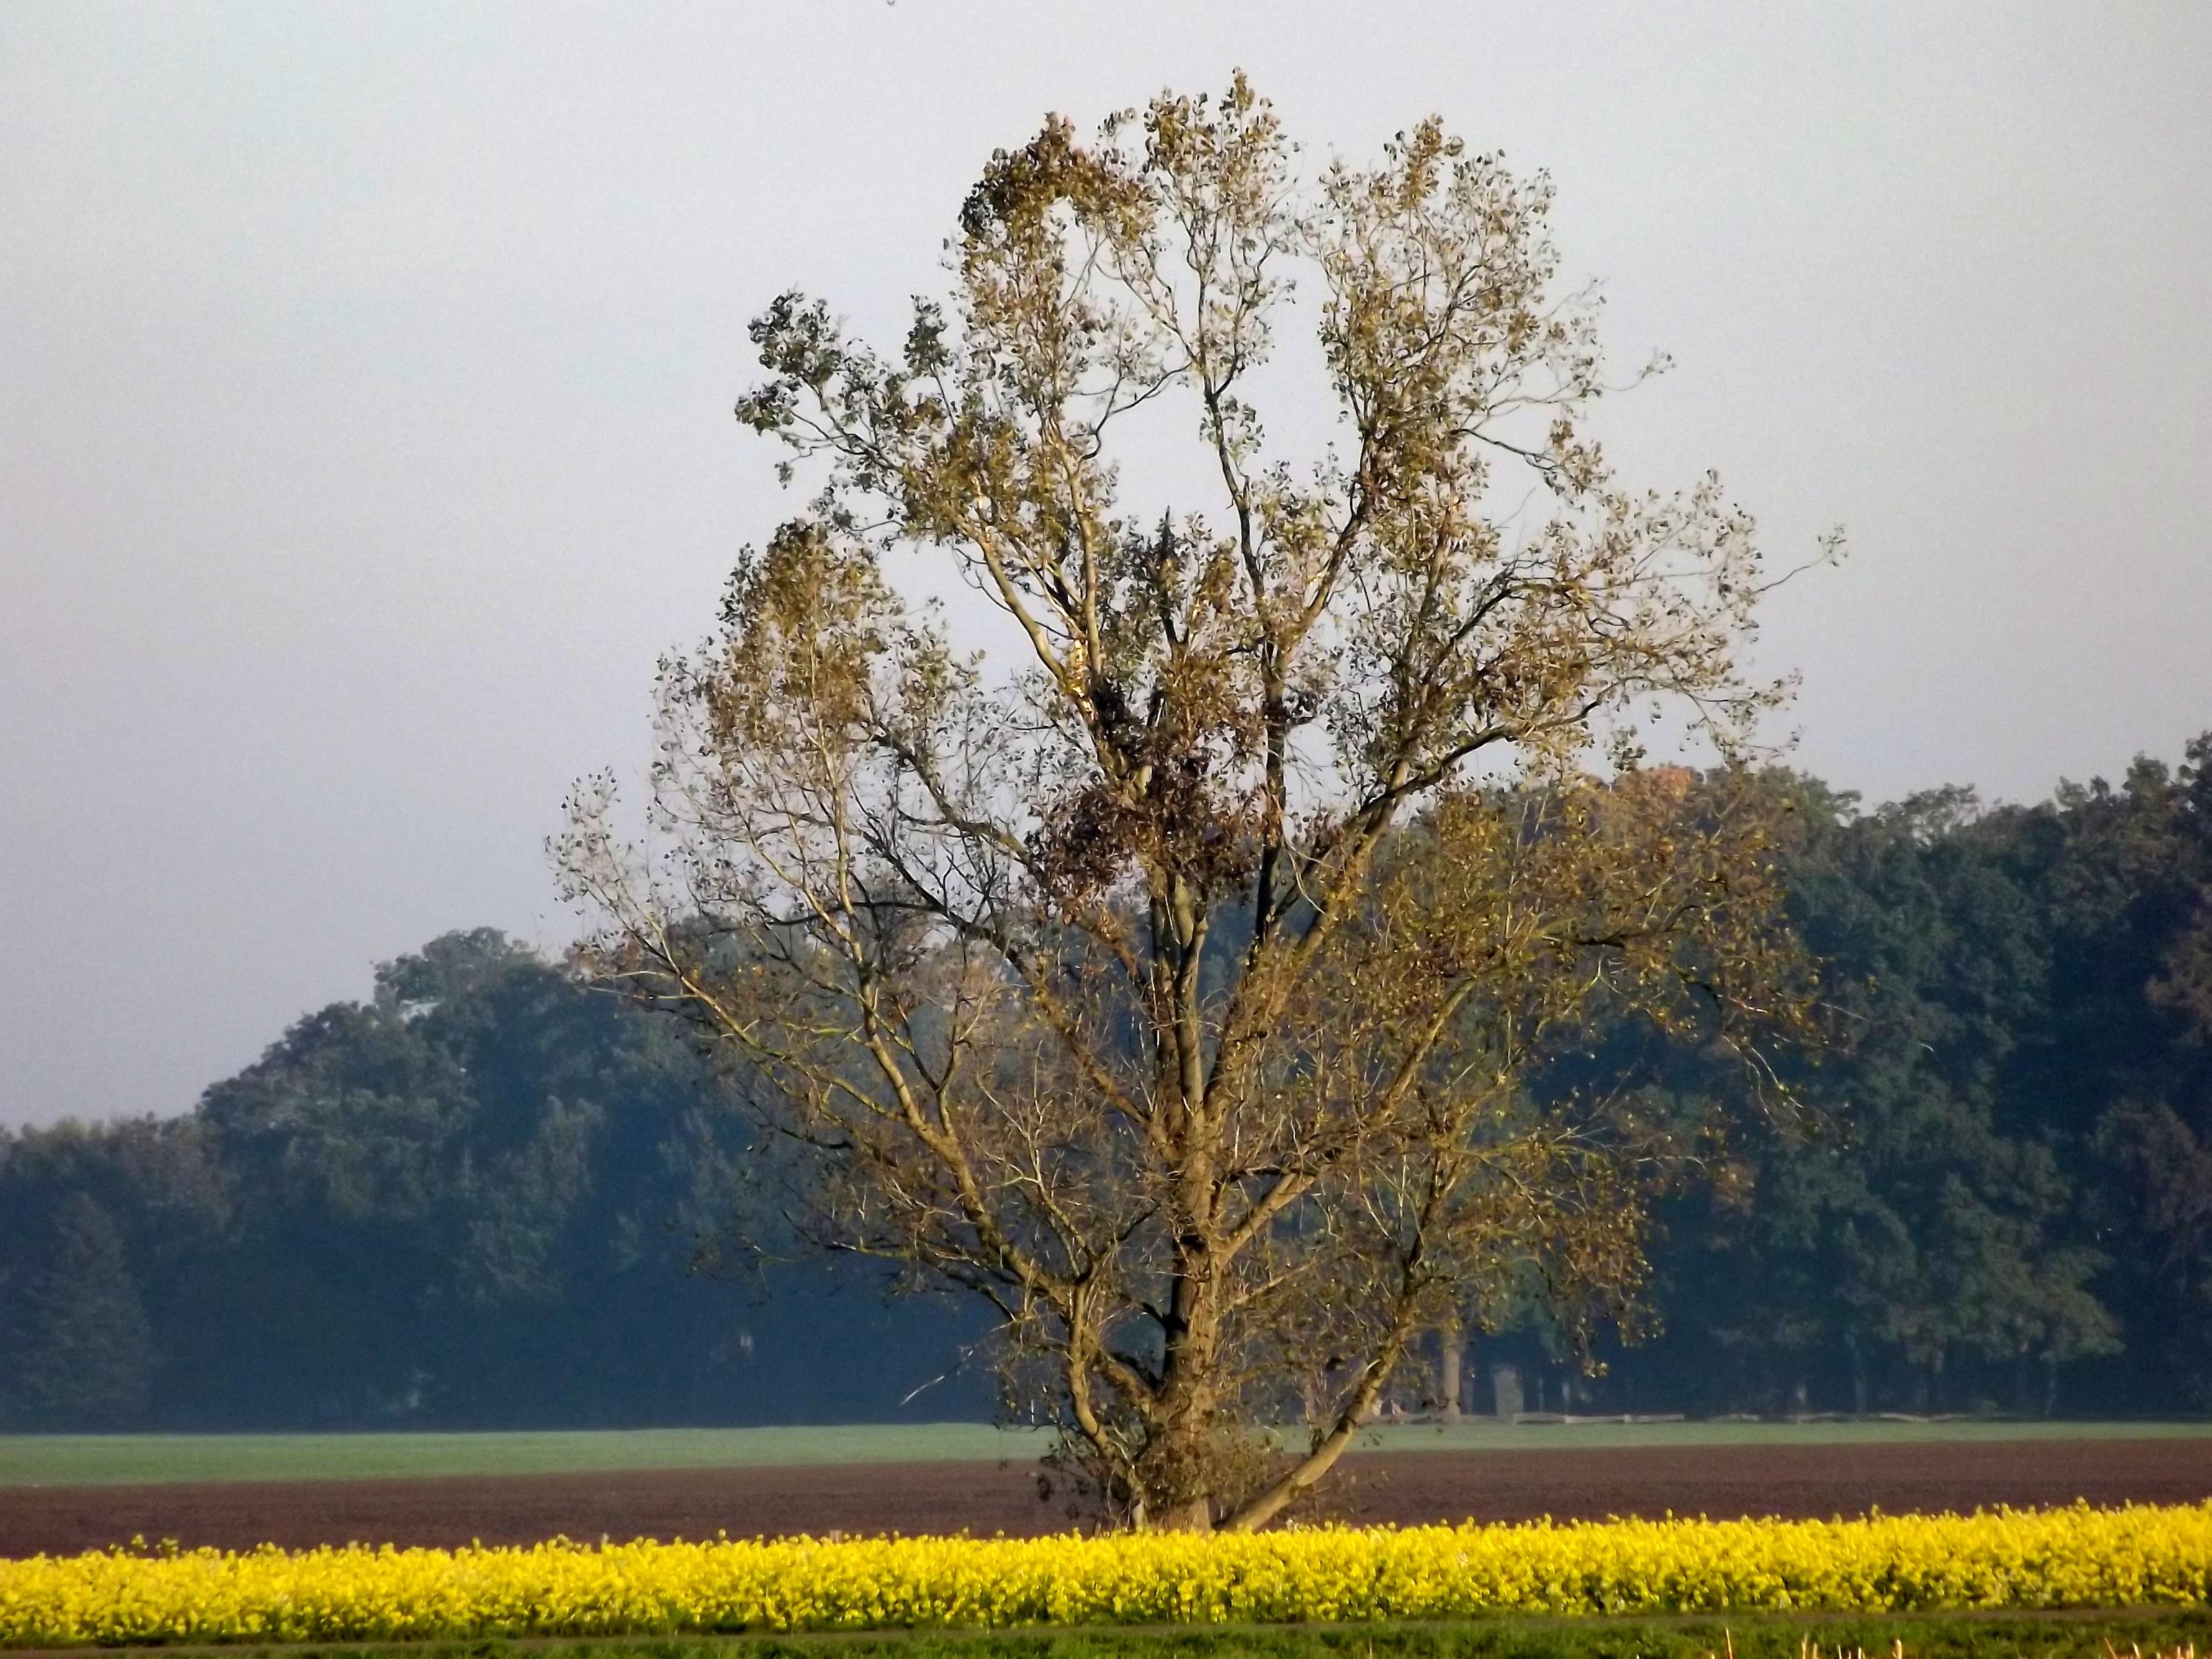 6559-herbst-feld-kahler-baum